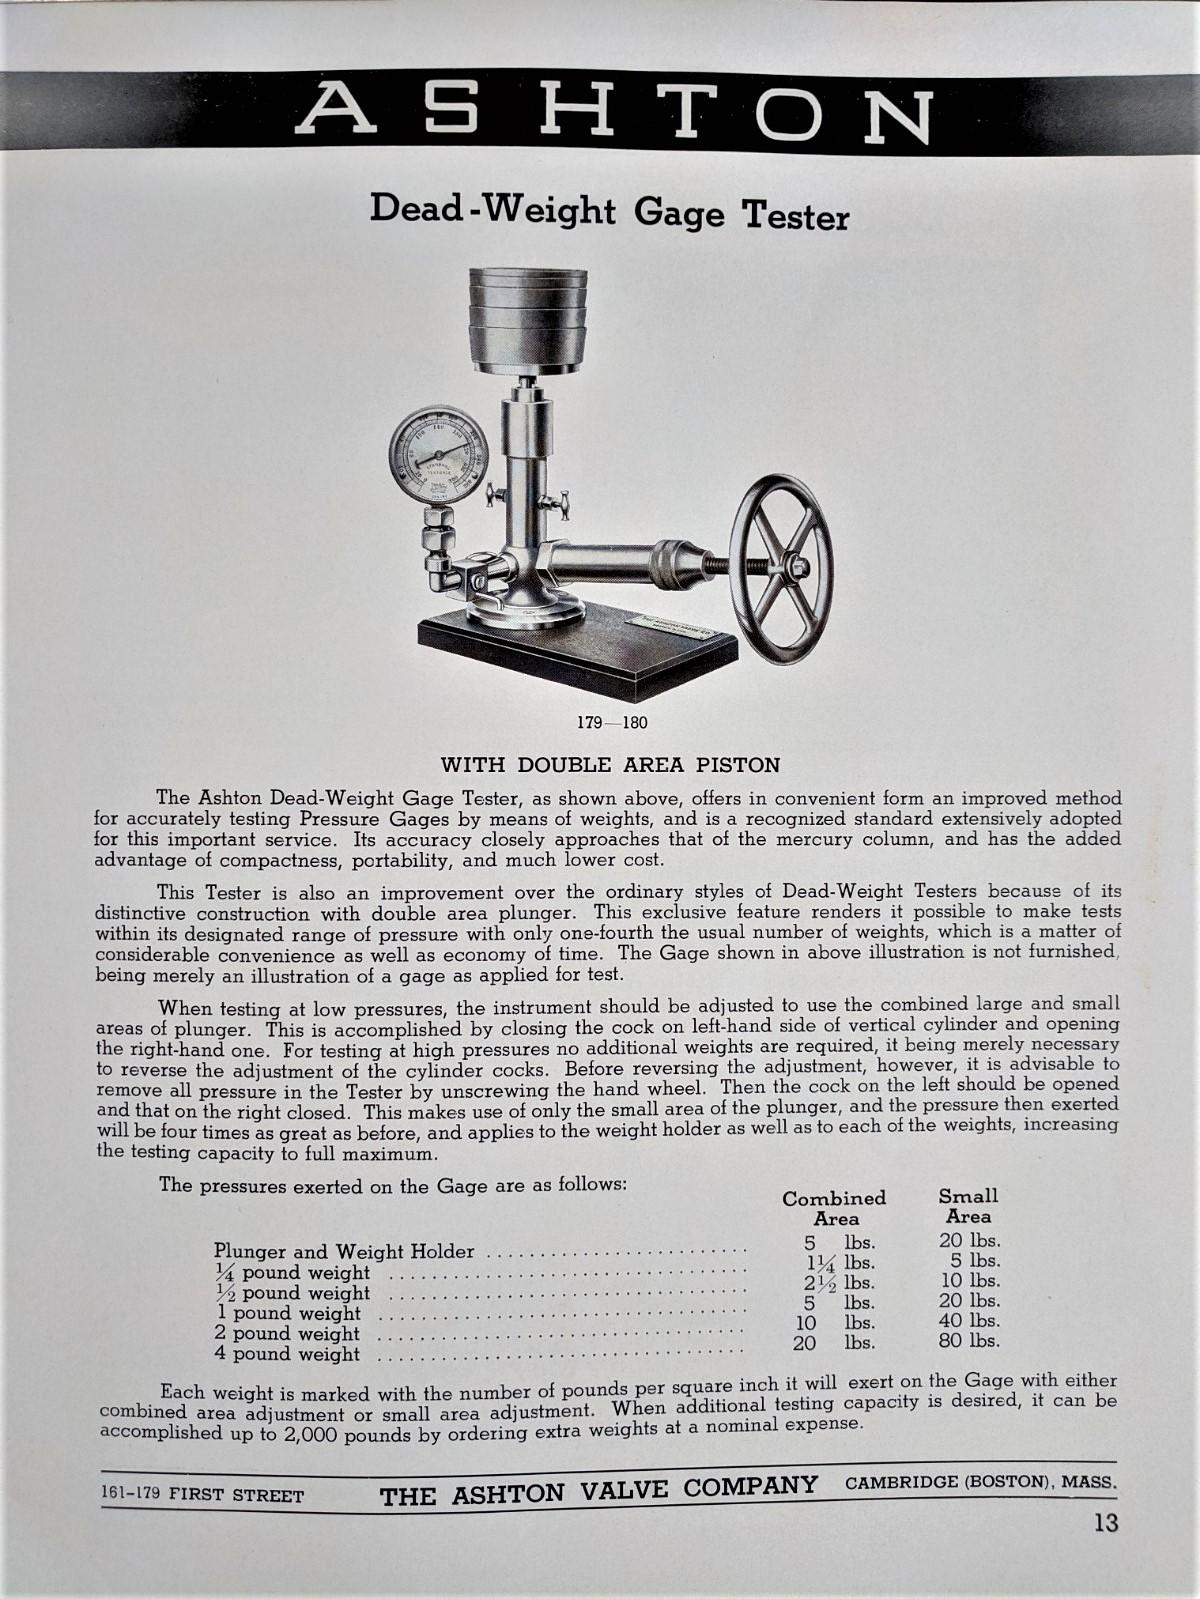 Ashton gage catalog 1941    13.jpg